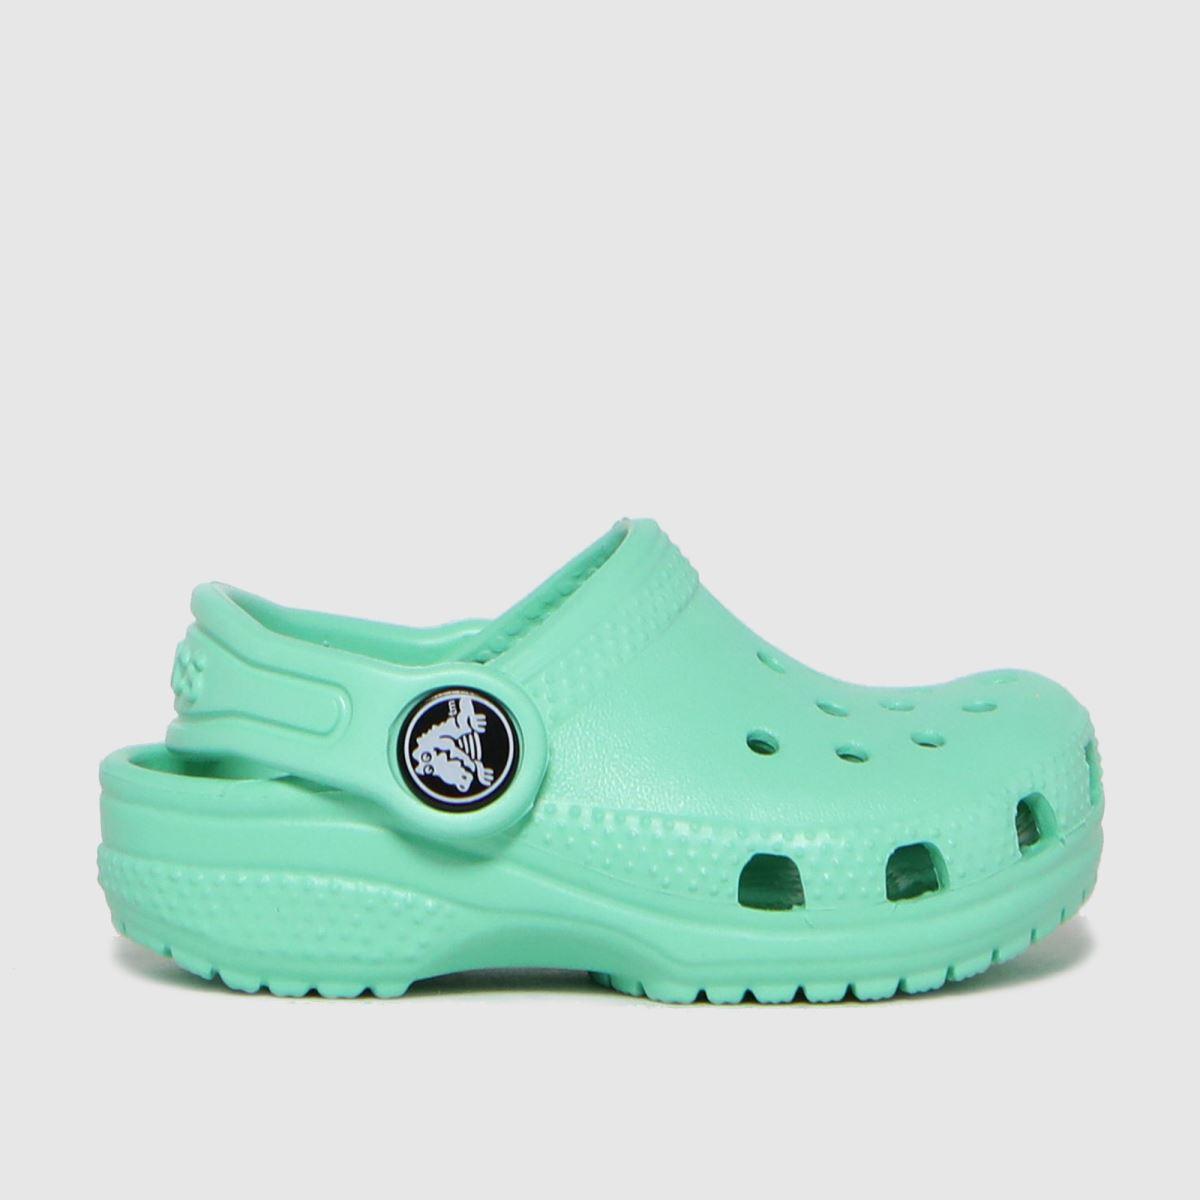 Crocs Green Classic Clog SANDAL Toddler